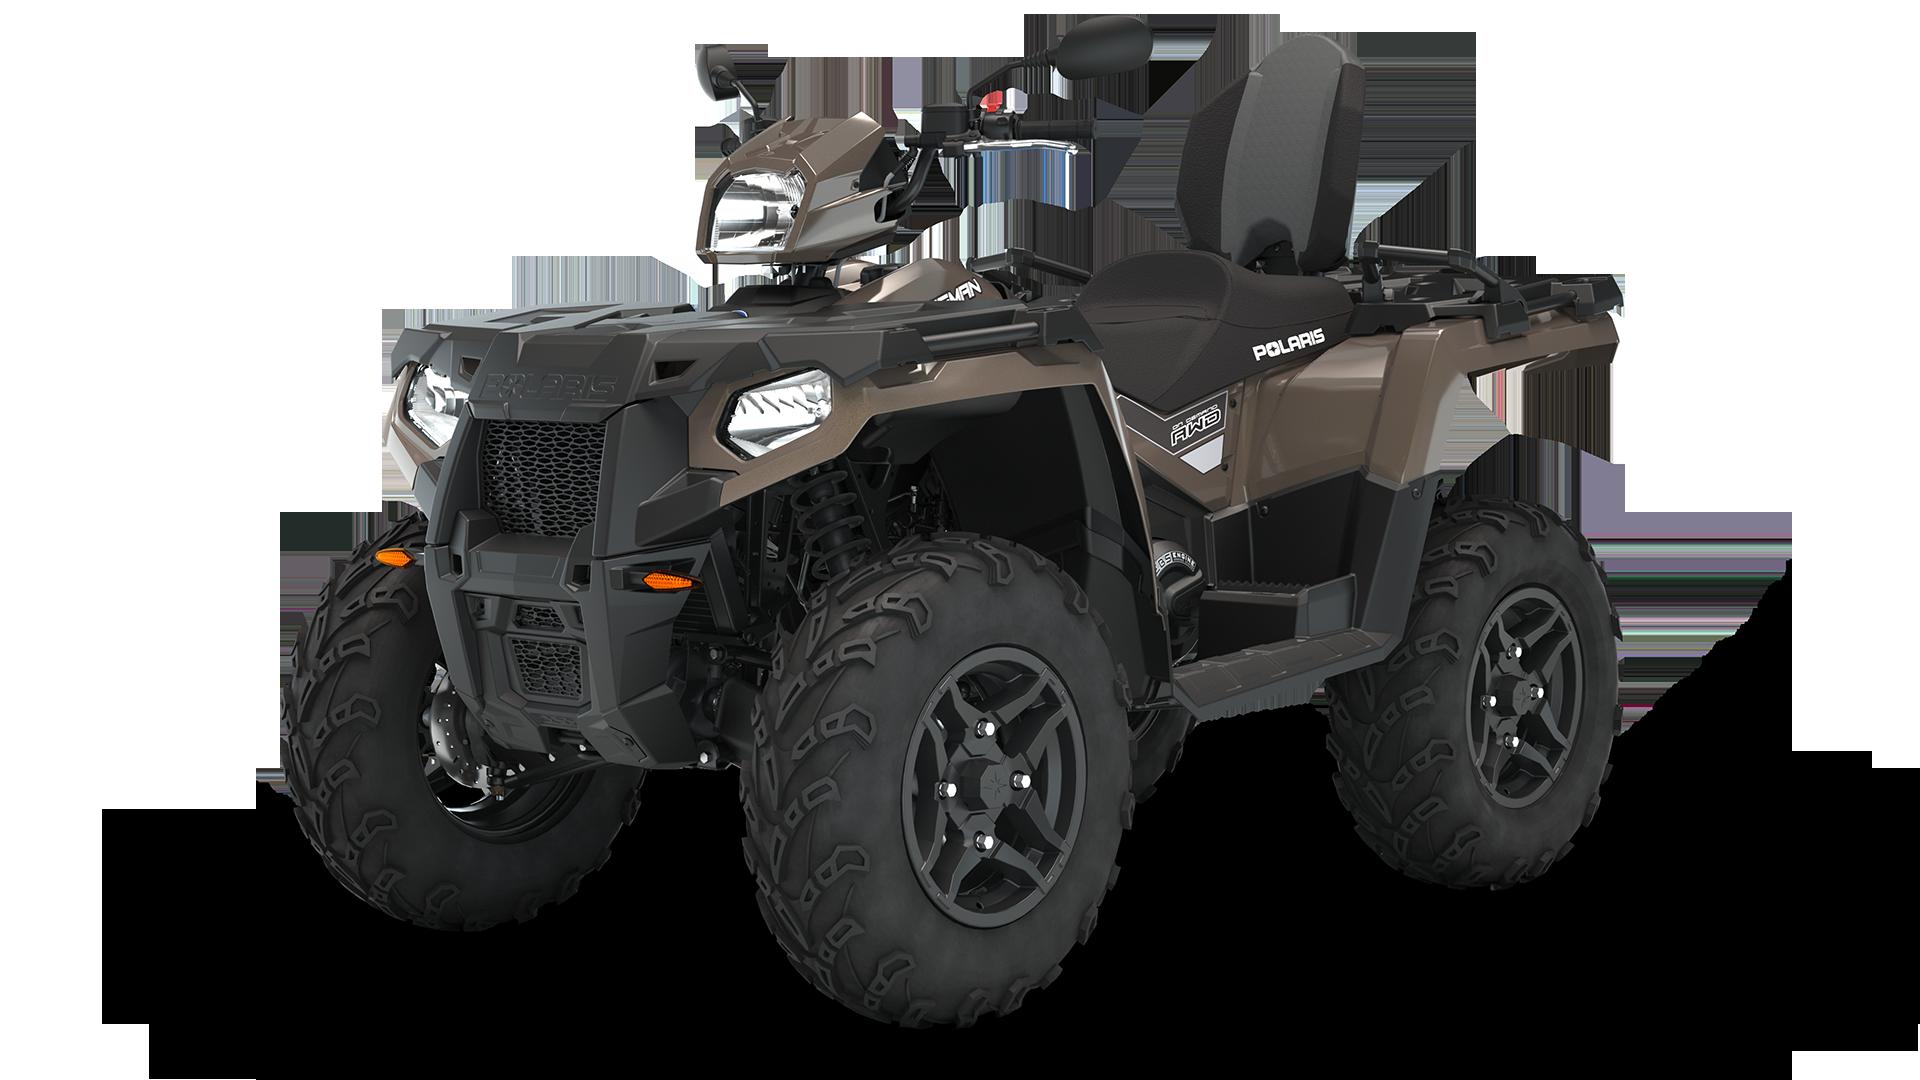 ATV Sportsman Touring 570 SP 2022